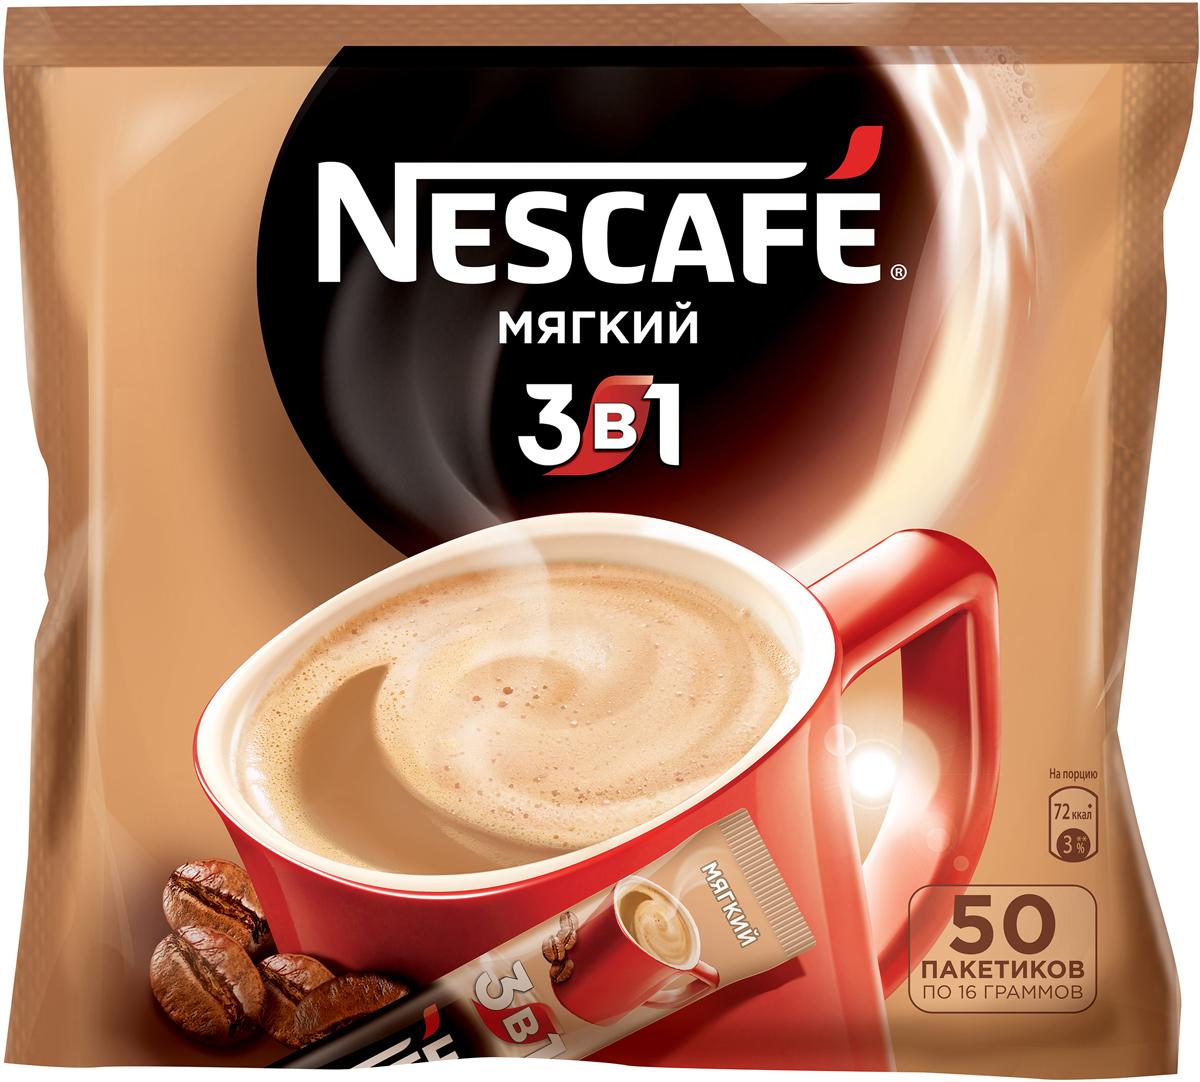 Nescafe 3 в 1 Мягкий кофе растворимый, 50 шт nescafe gold 100